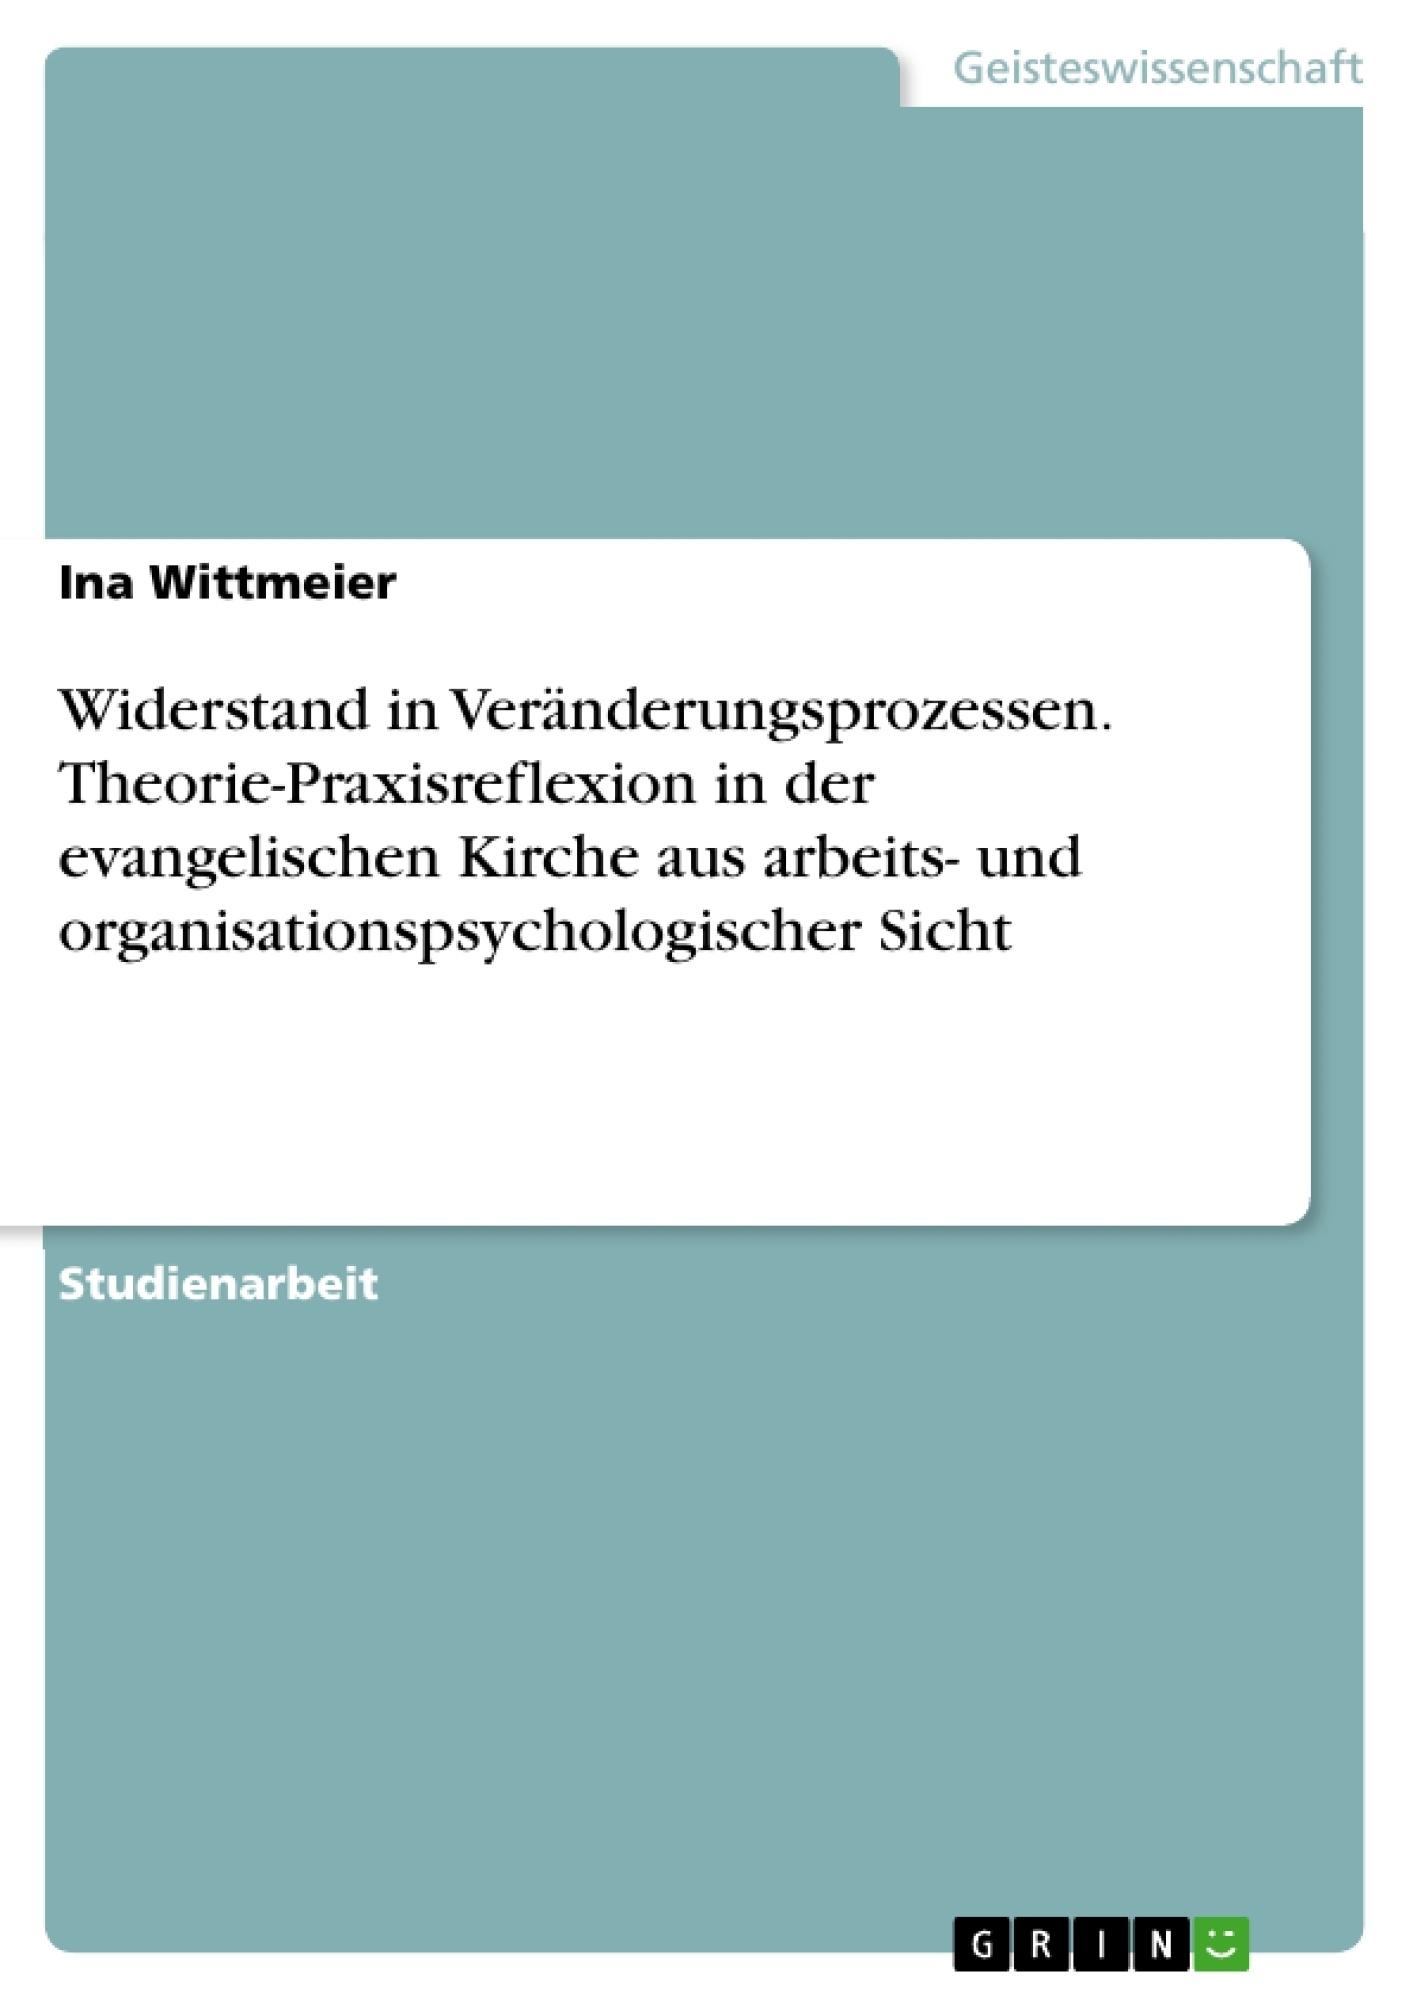 Titel: Widerstand in Veränderungsprozessen. Theorie-Praxisreflexion in der evangelischen Kirche aus arbeits- und organisationspsychologischer Sicht